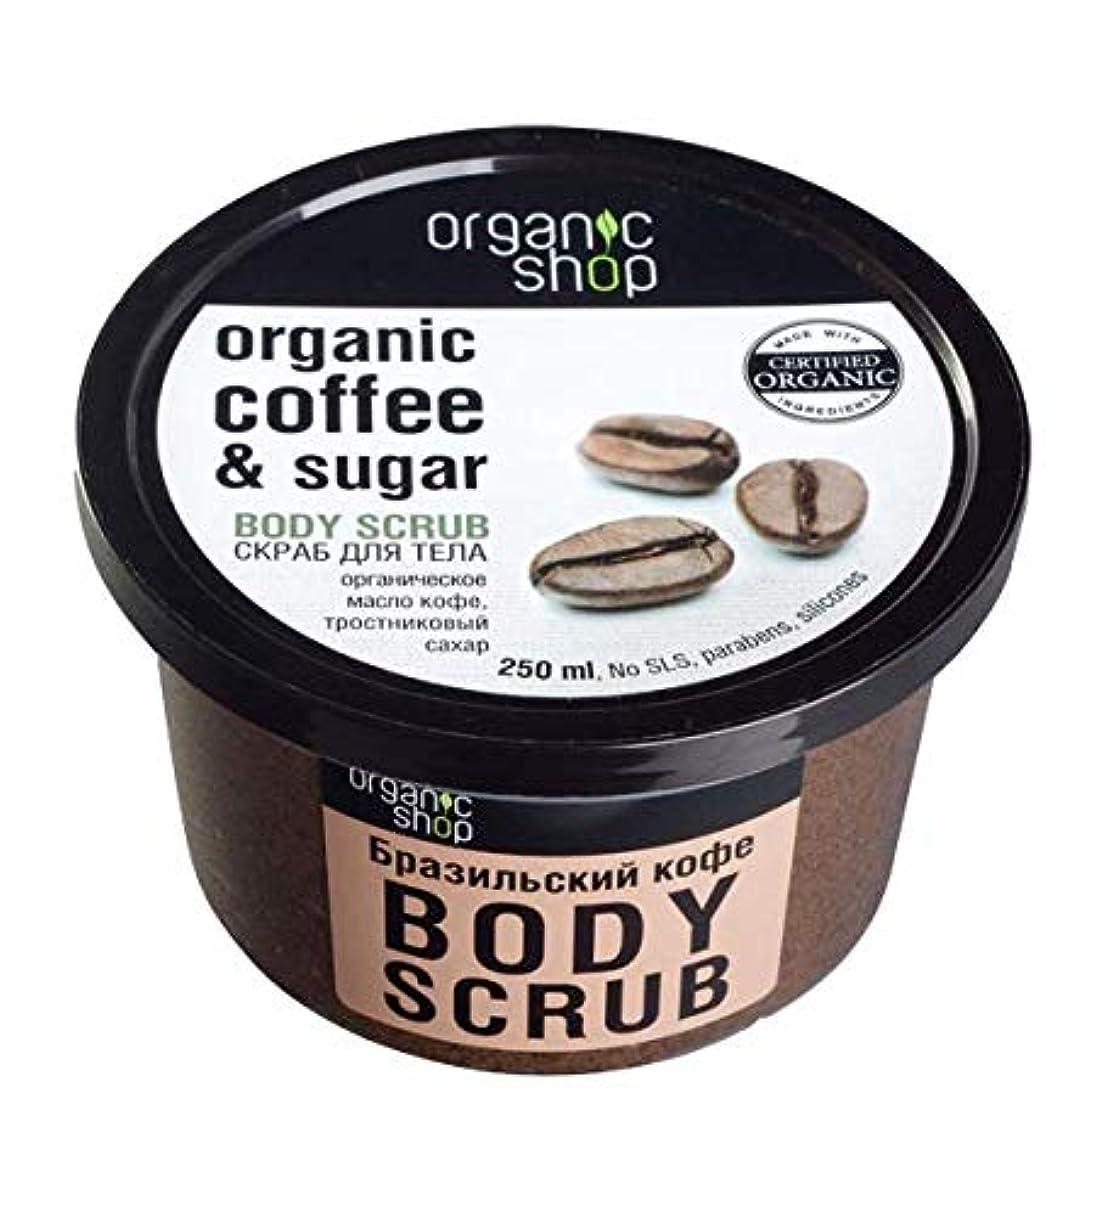 結果として理容師胆嚢【話題沸騰中】ロシア産 ORGANIC SHOP オーガニック ショップ ボディスクラブ coffee&sugar 250ml 「ブラジルコーヒー」